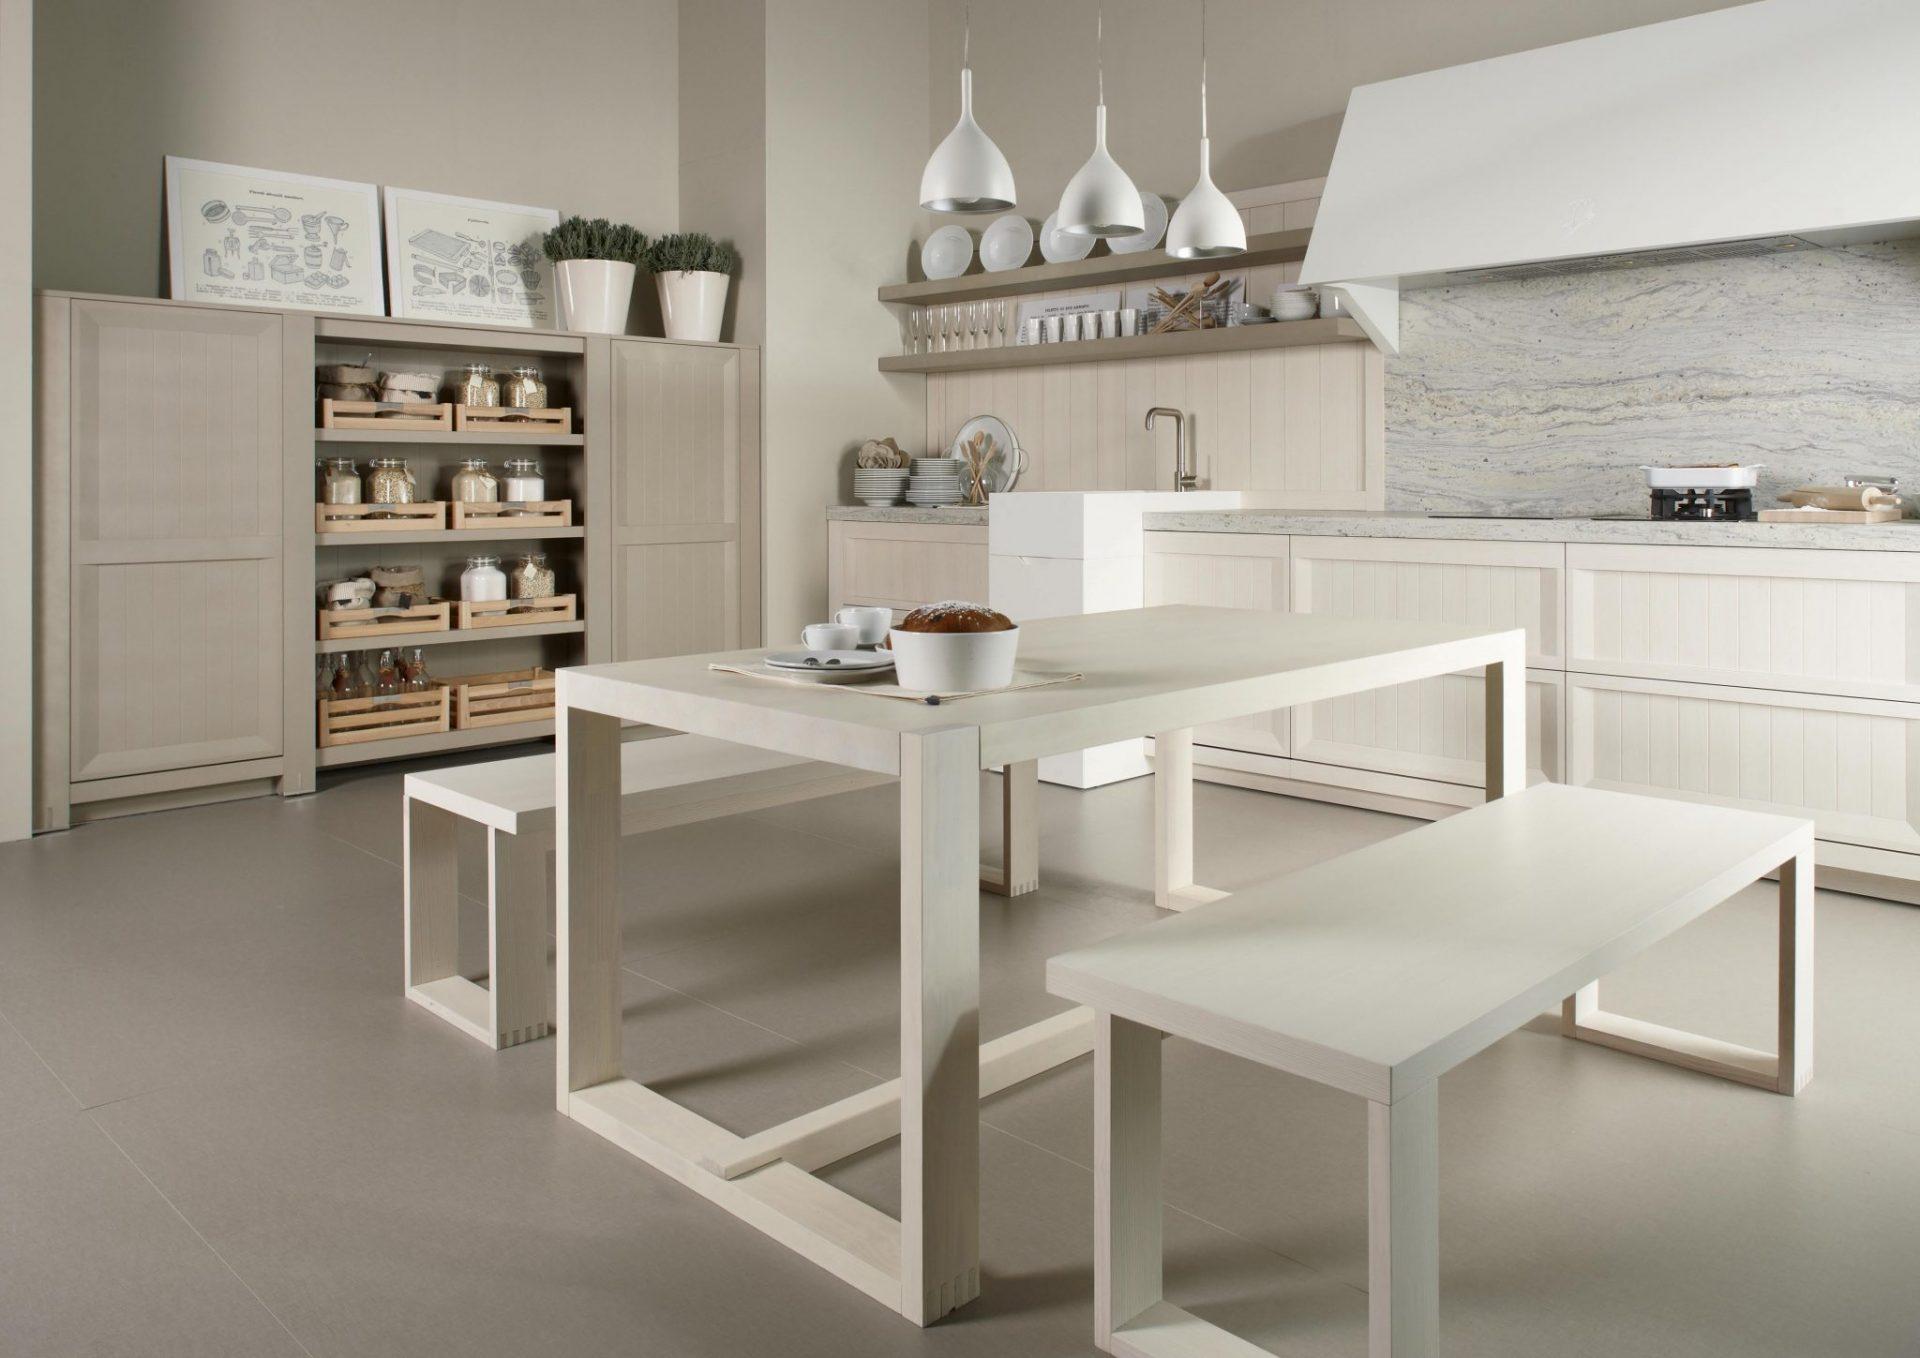 Muebles de cocina a medida con calidad artesanal acana for A medida interiorismo